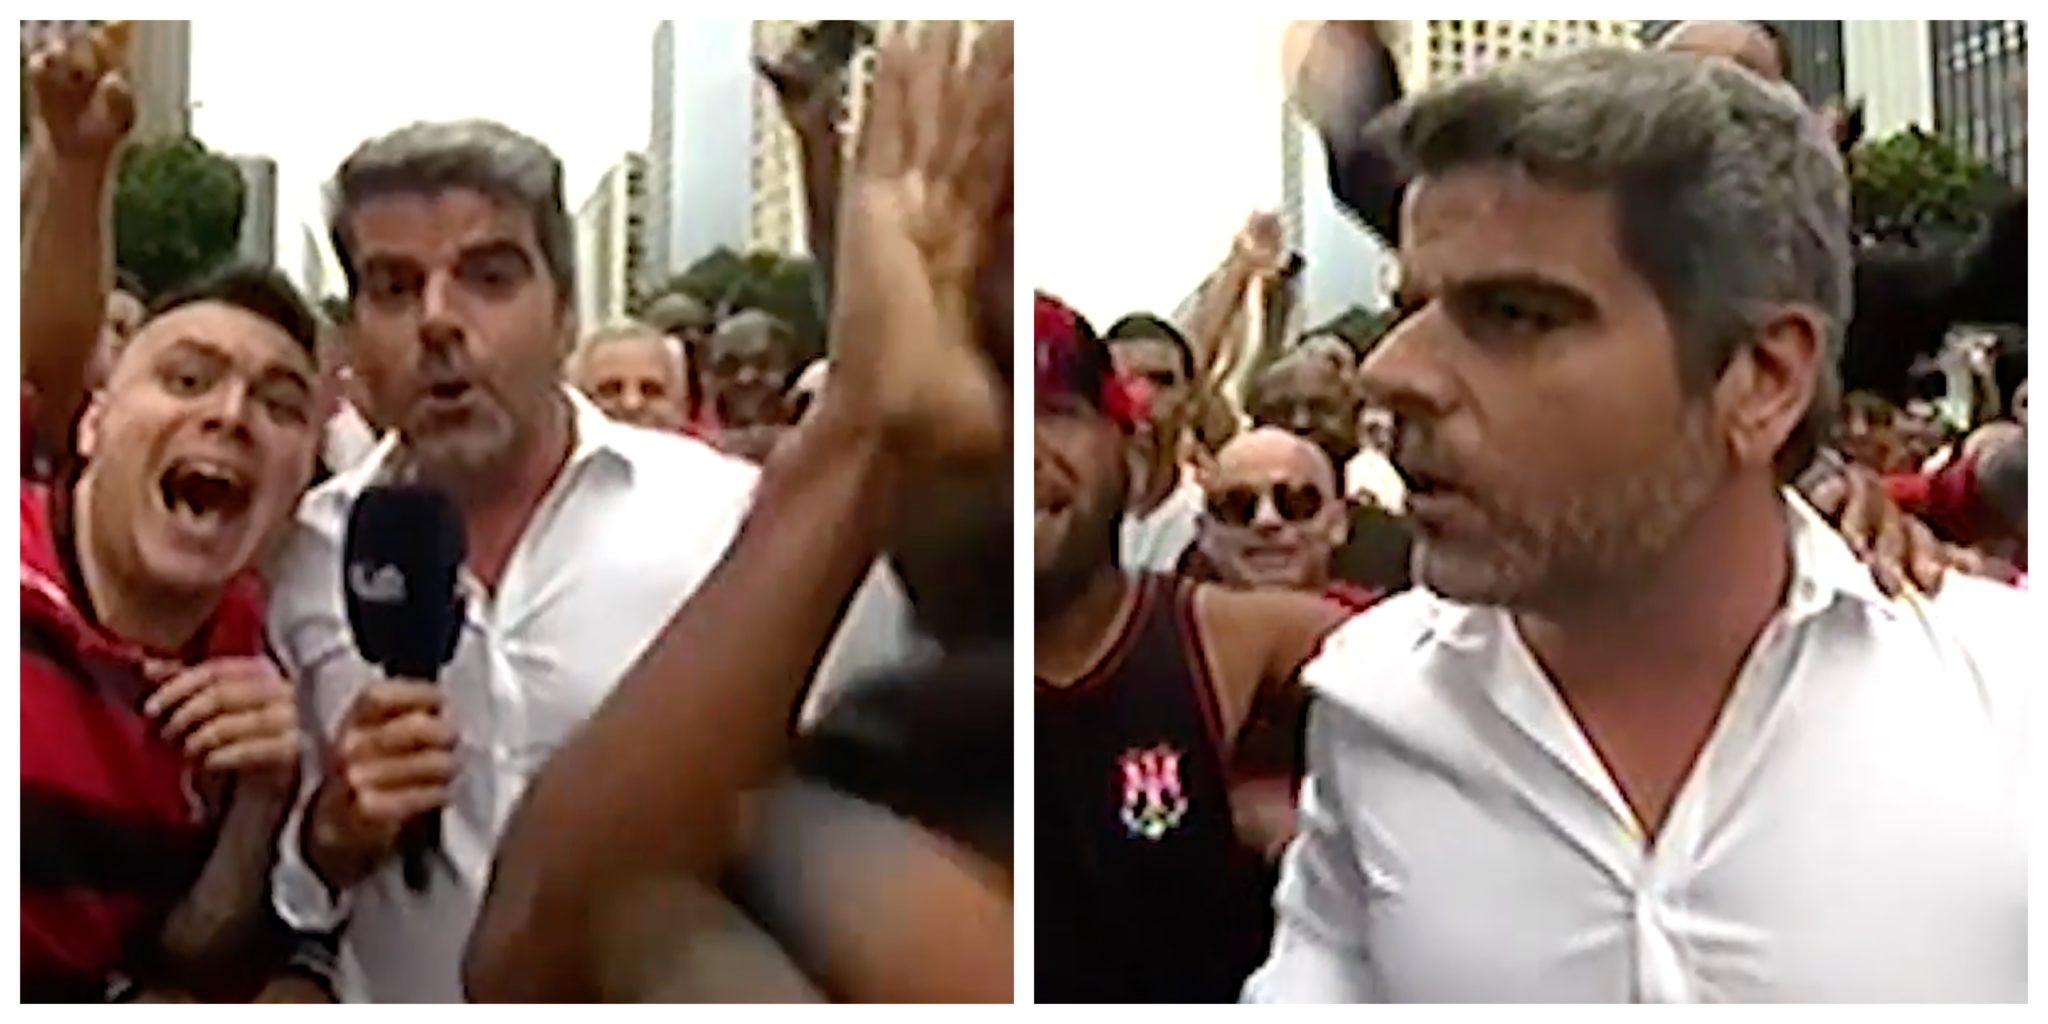 Jornalista Sic Direto Scaled Jornalista Da Sic &Quot;Roubado&Quot; Durante Direto A Partir Do Brasil